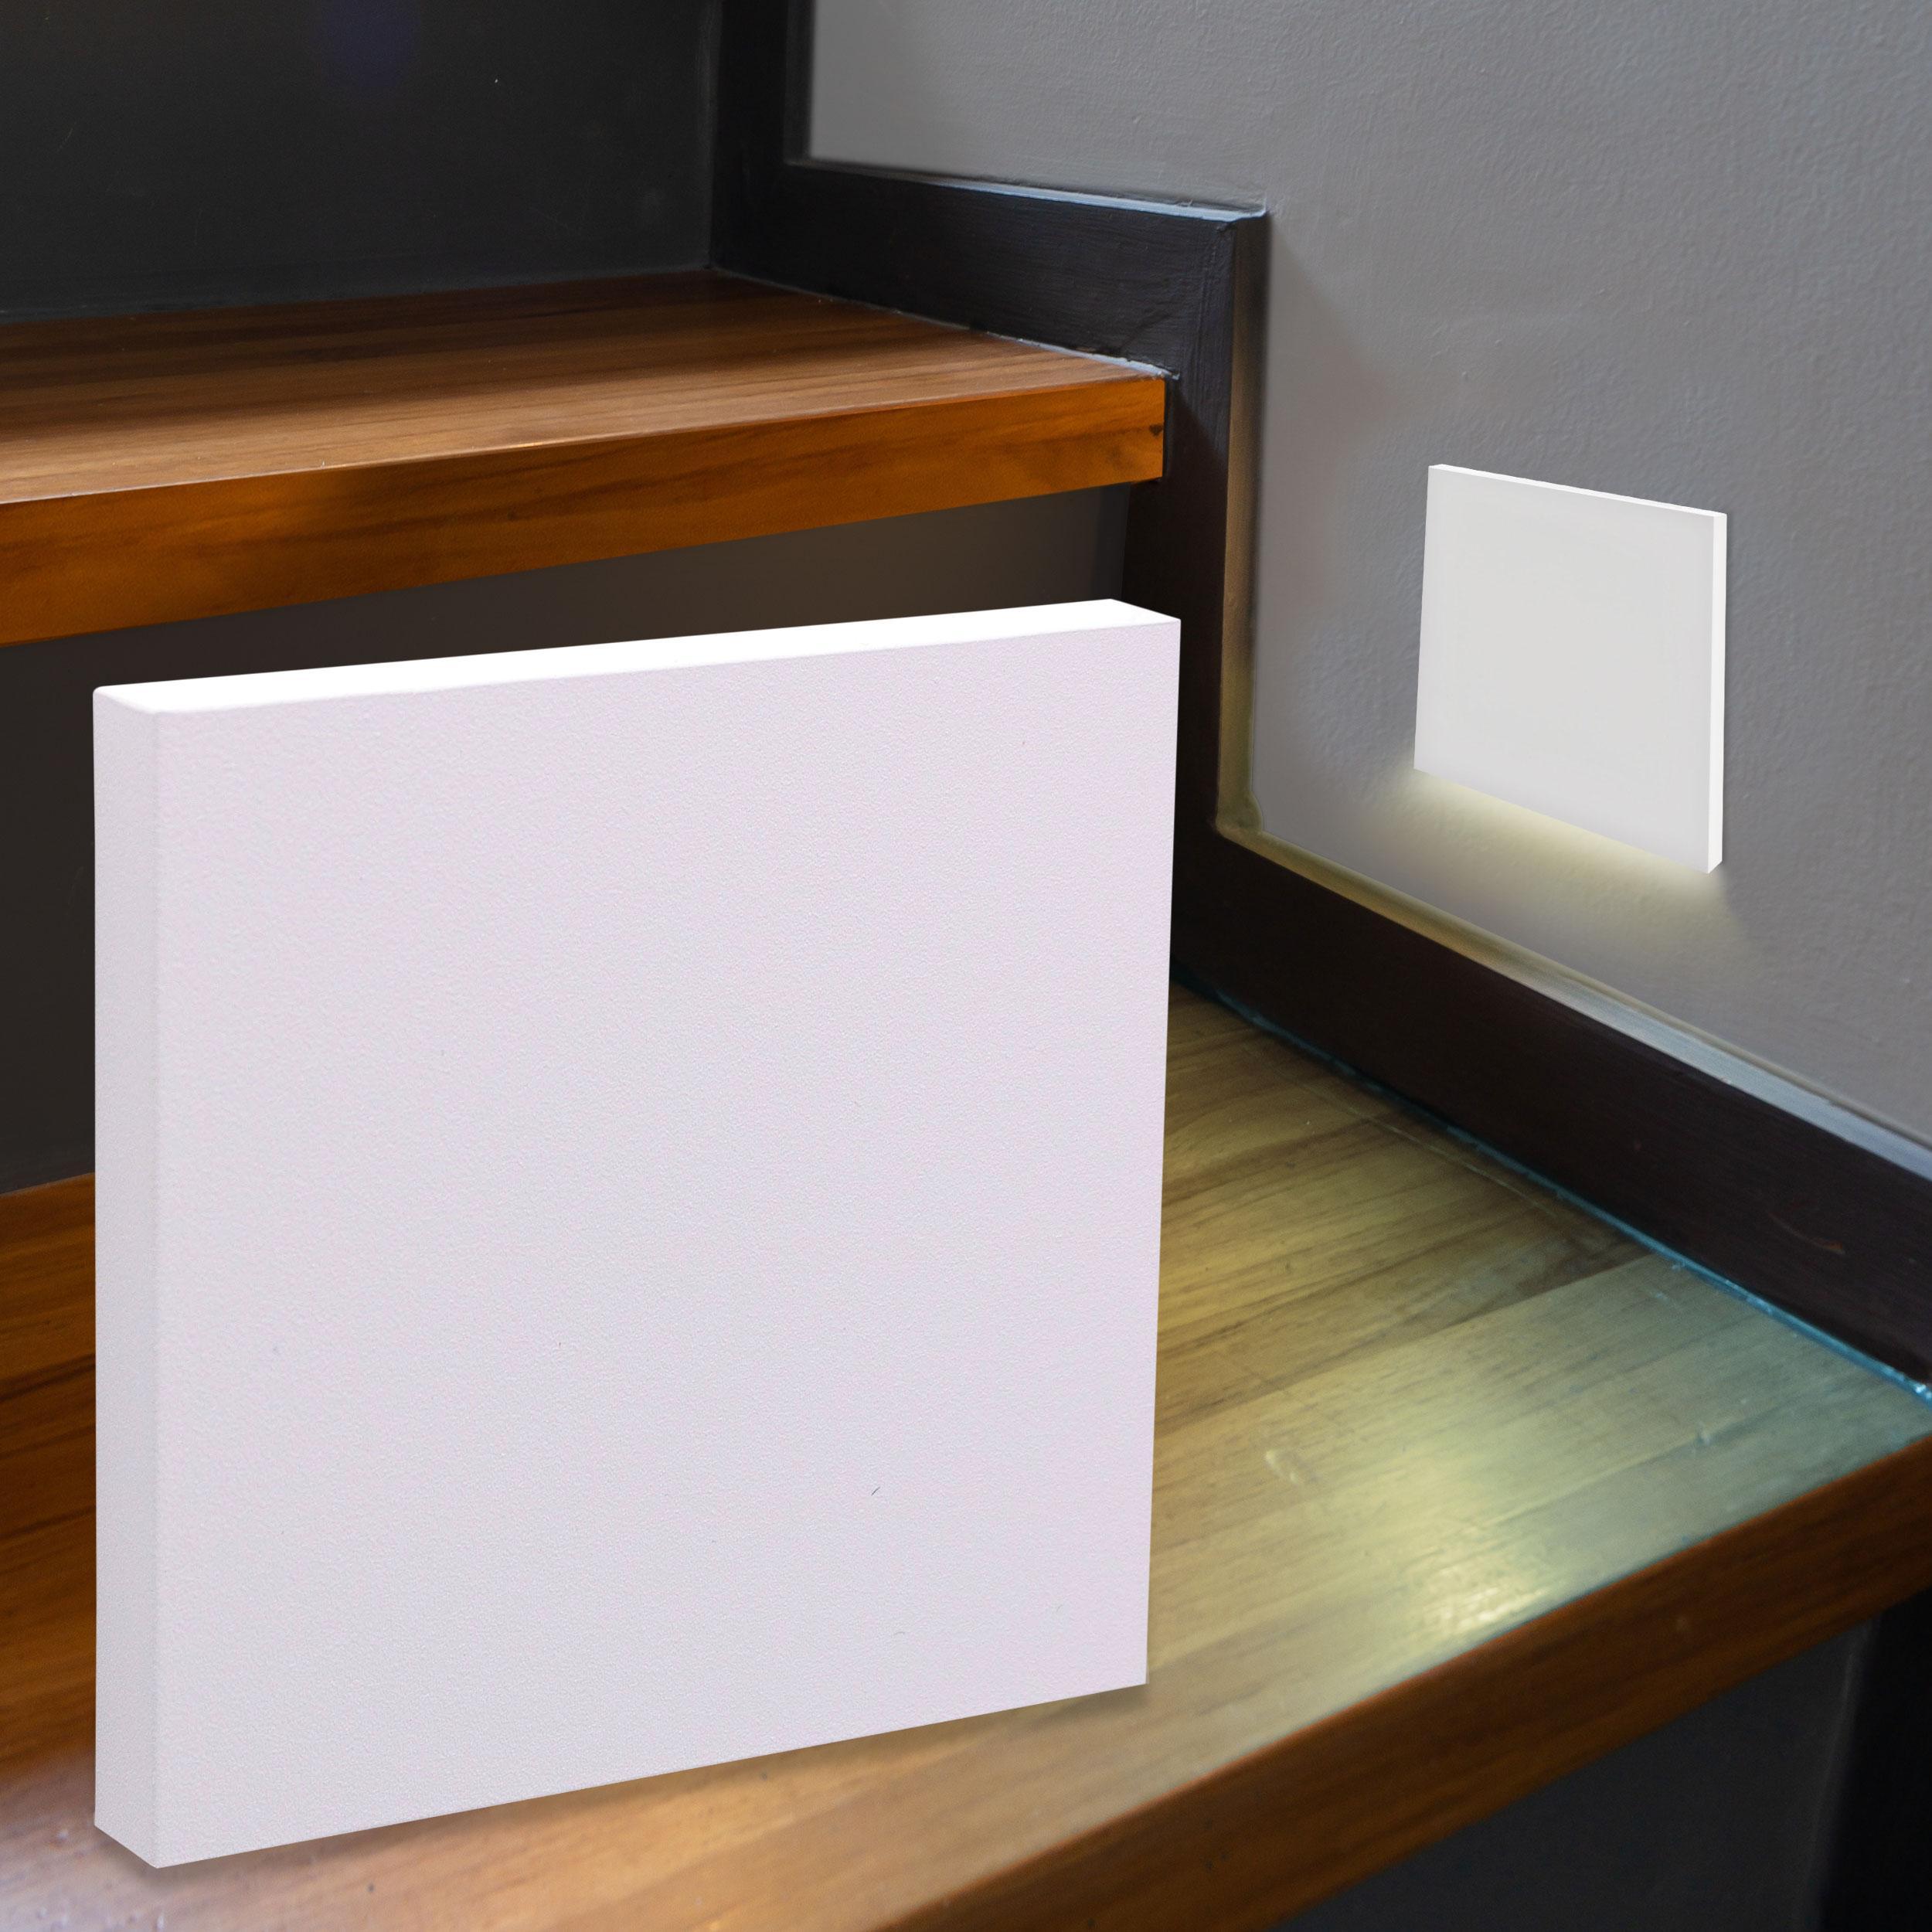 LED Treppenbeleuchtung Wandeinbauleuchte Warmweiß 230V 1.5W weiß Lichtaustritt unten